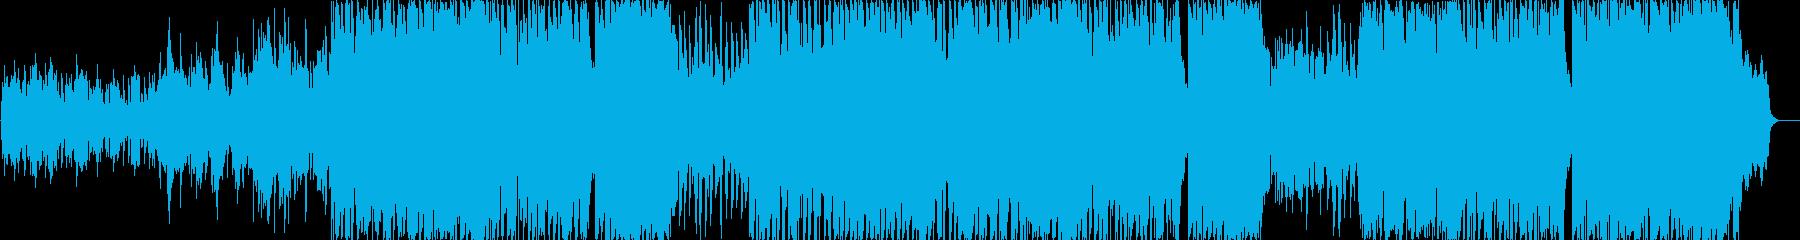 80年代のポップソングの伴奏。ギタ...の再生済みの波形